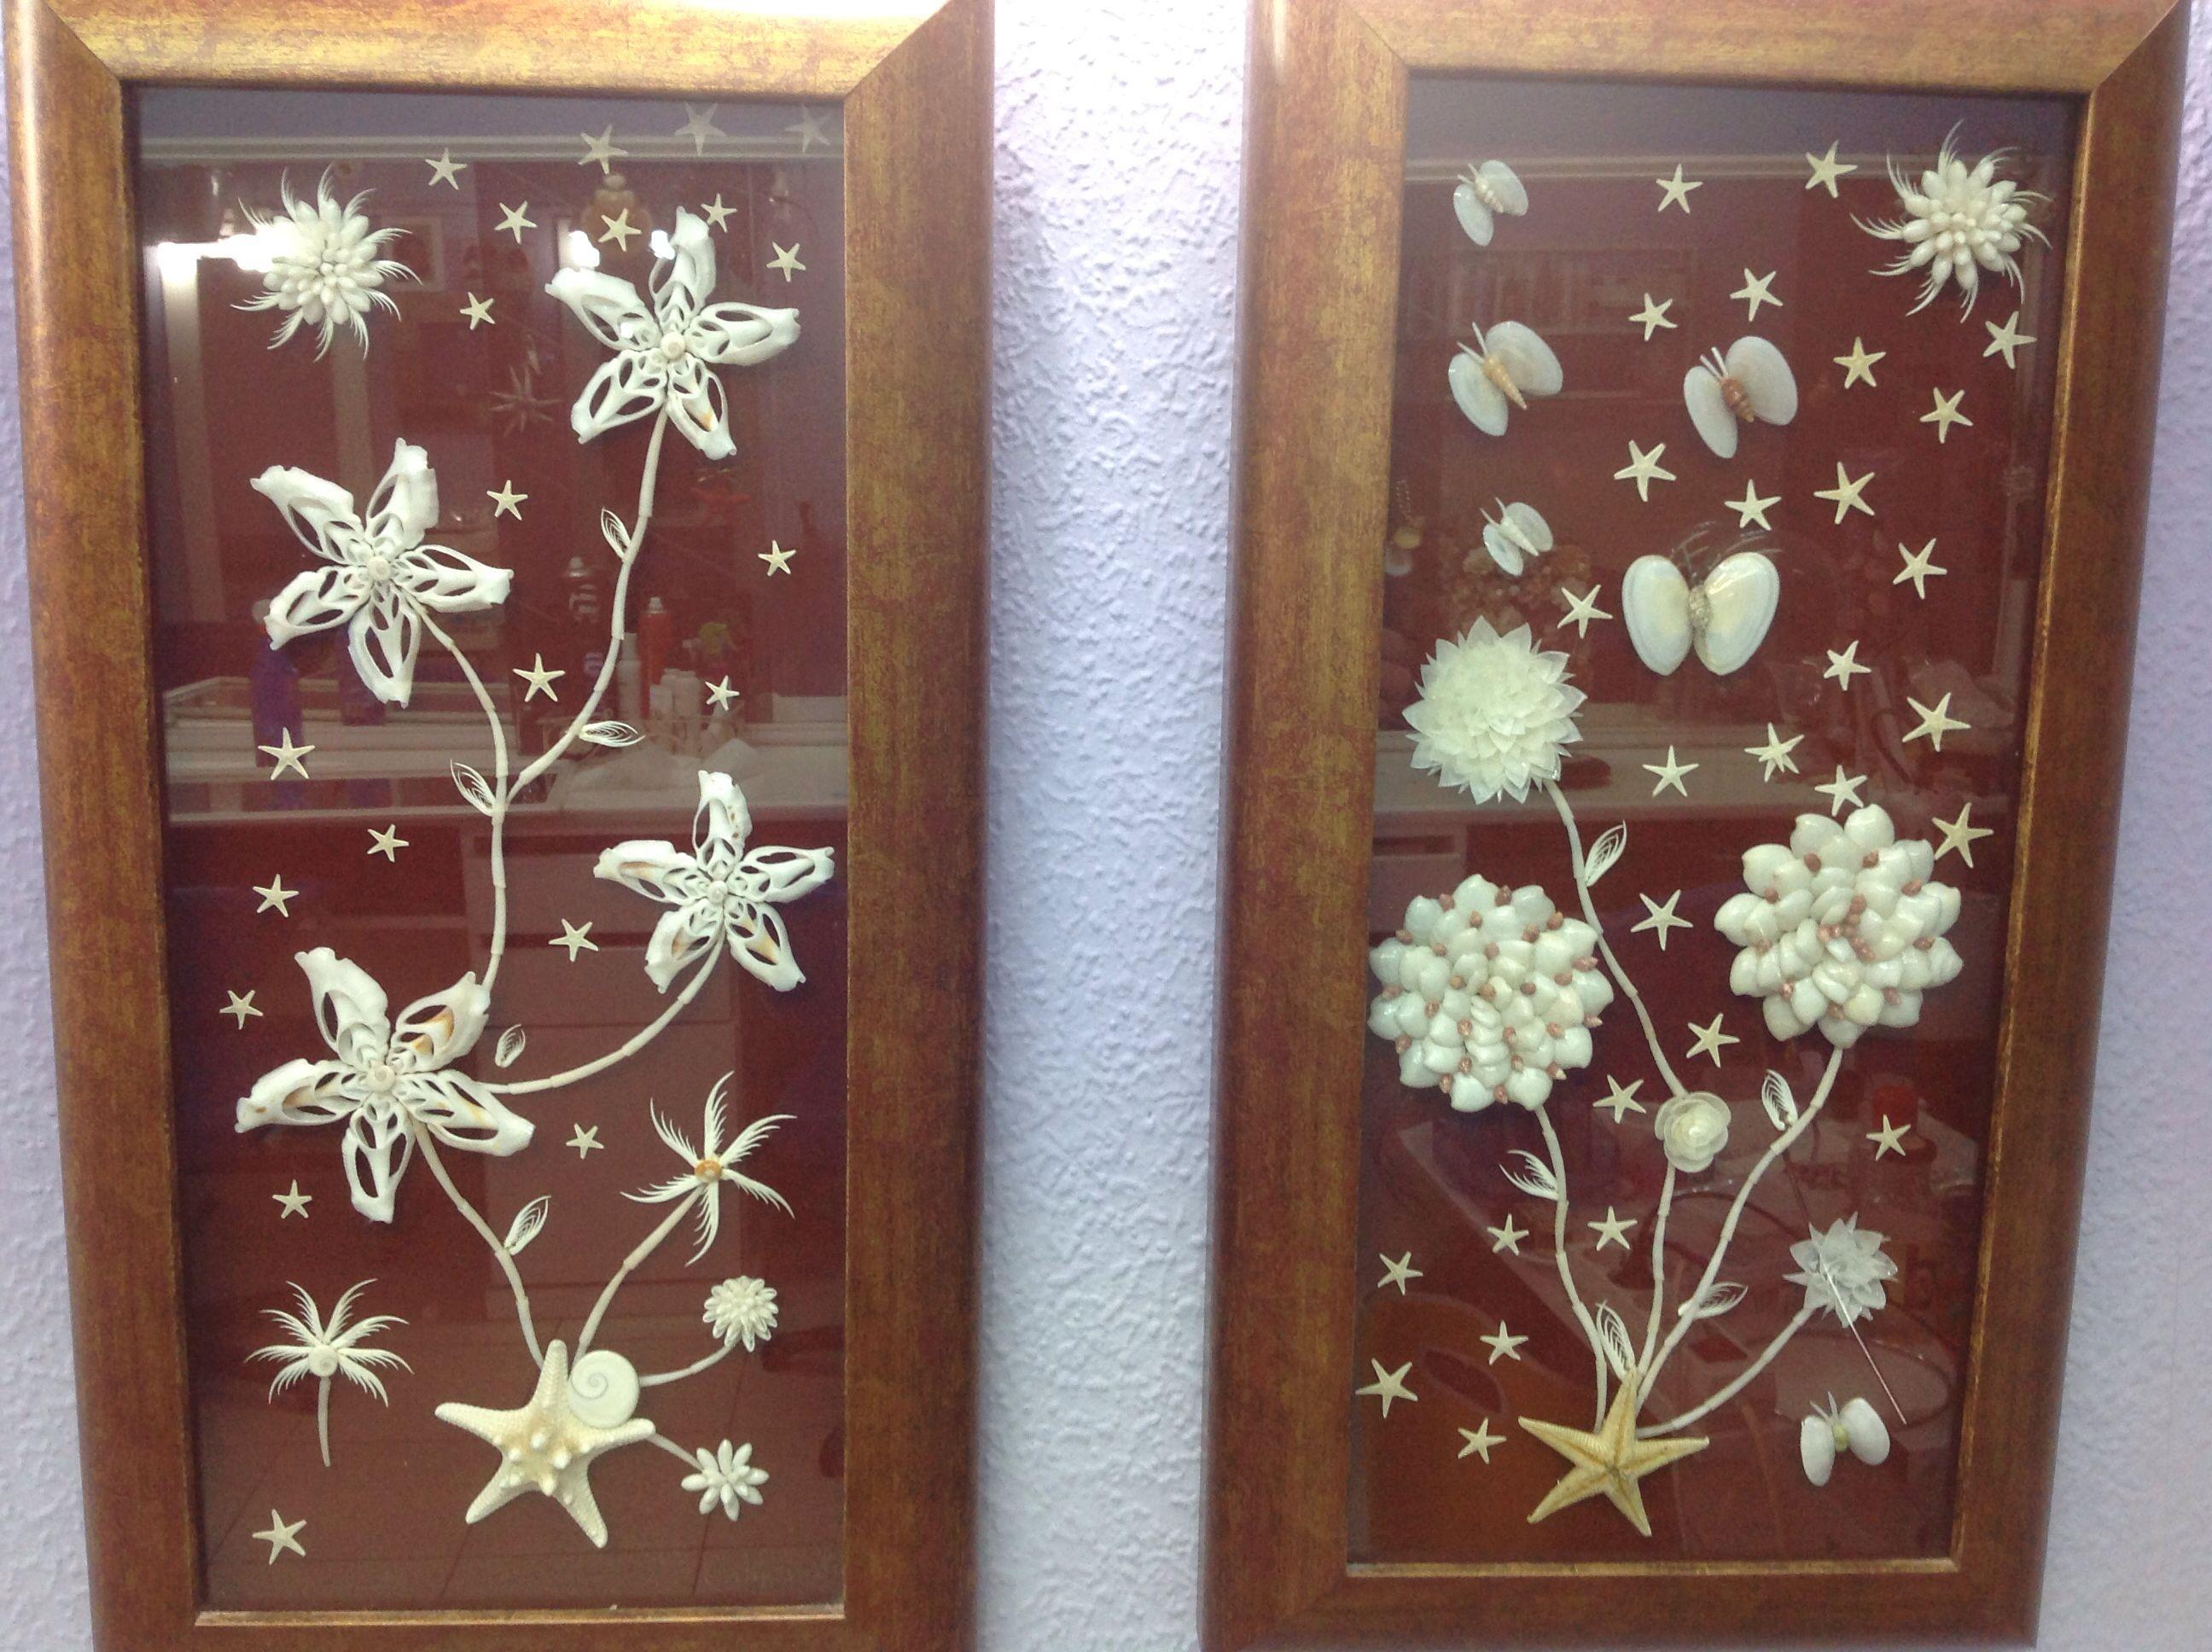 Composici n en cuadros de flores de conchas y estrellas de - Composicion de cuadros ...